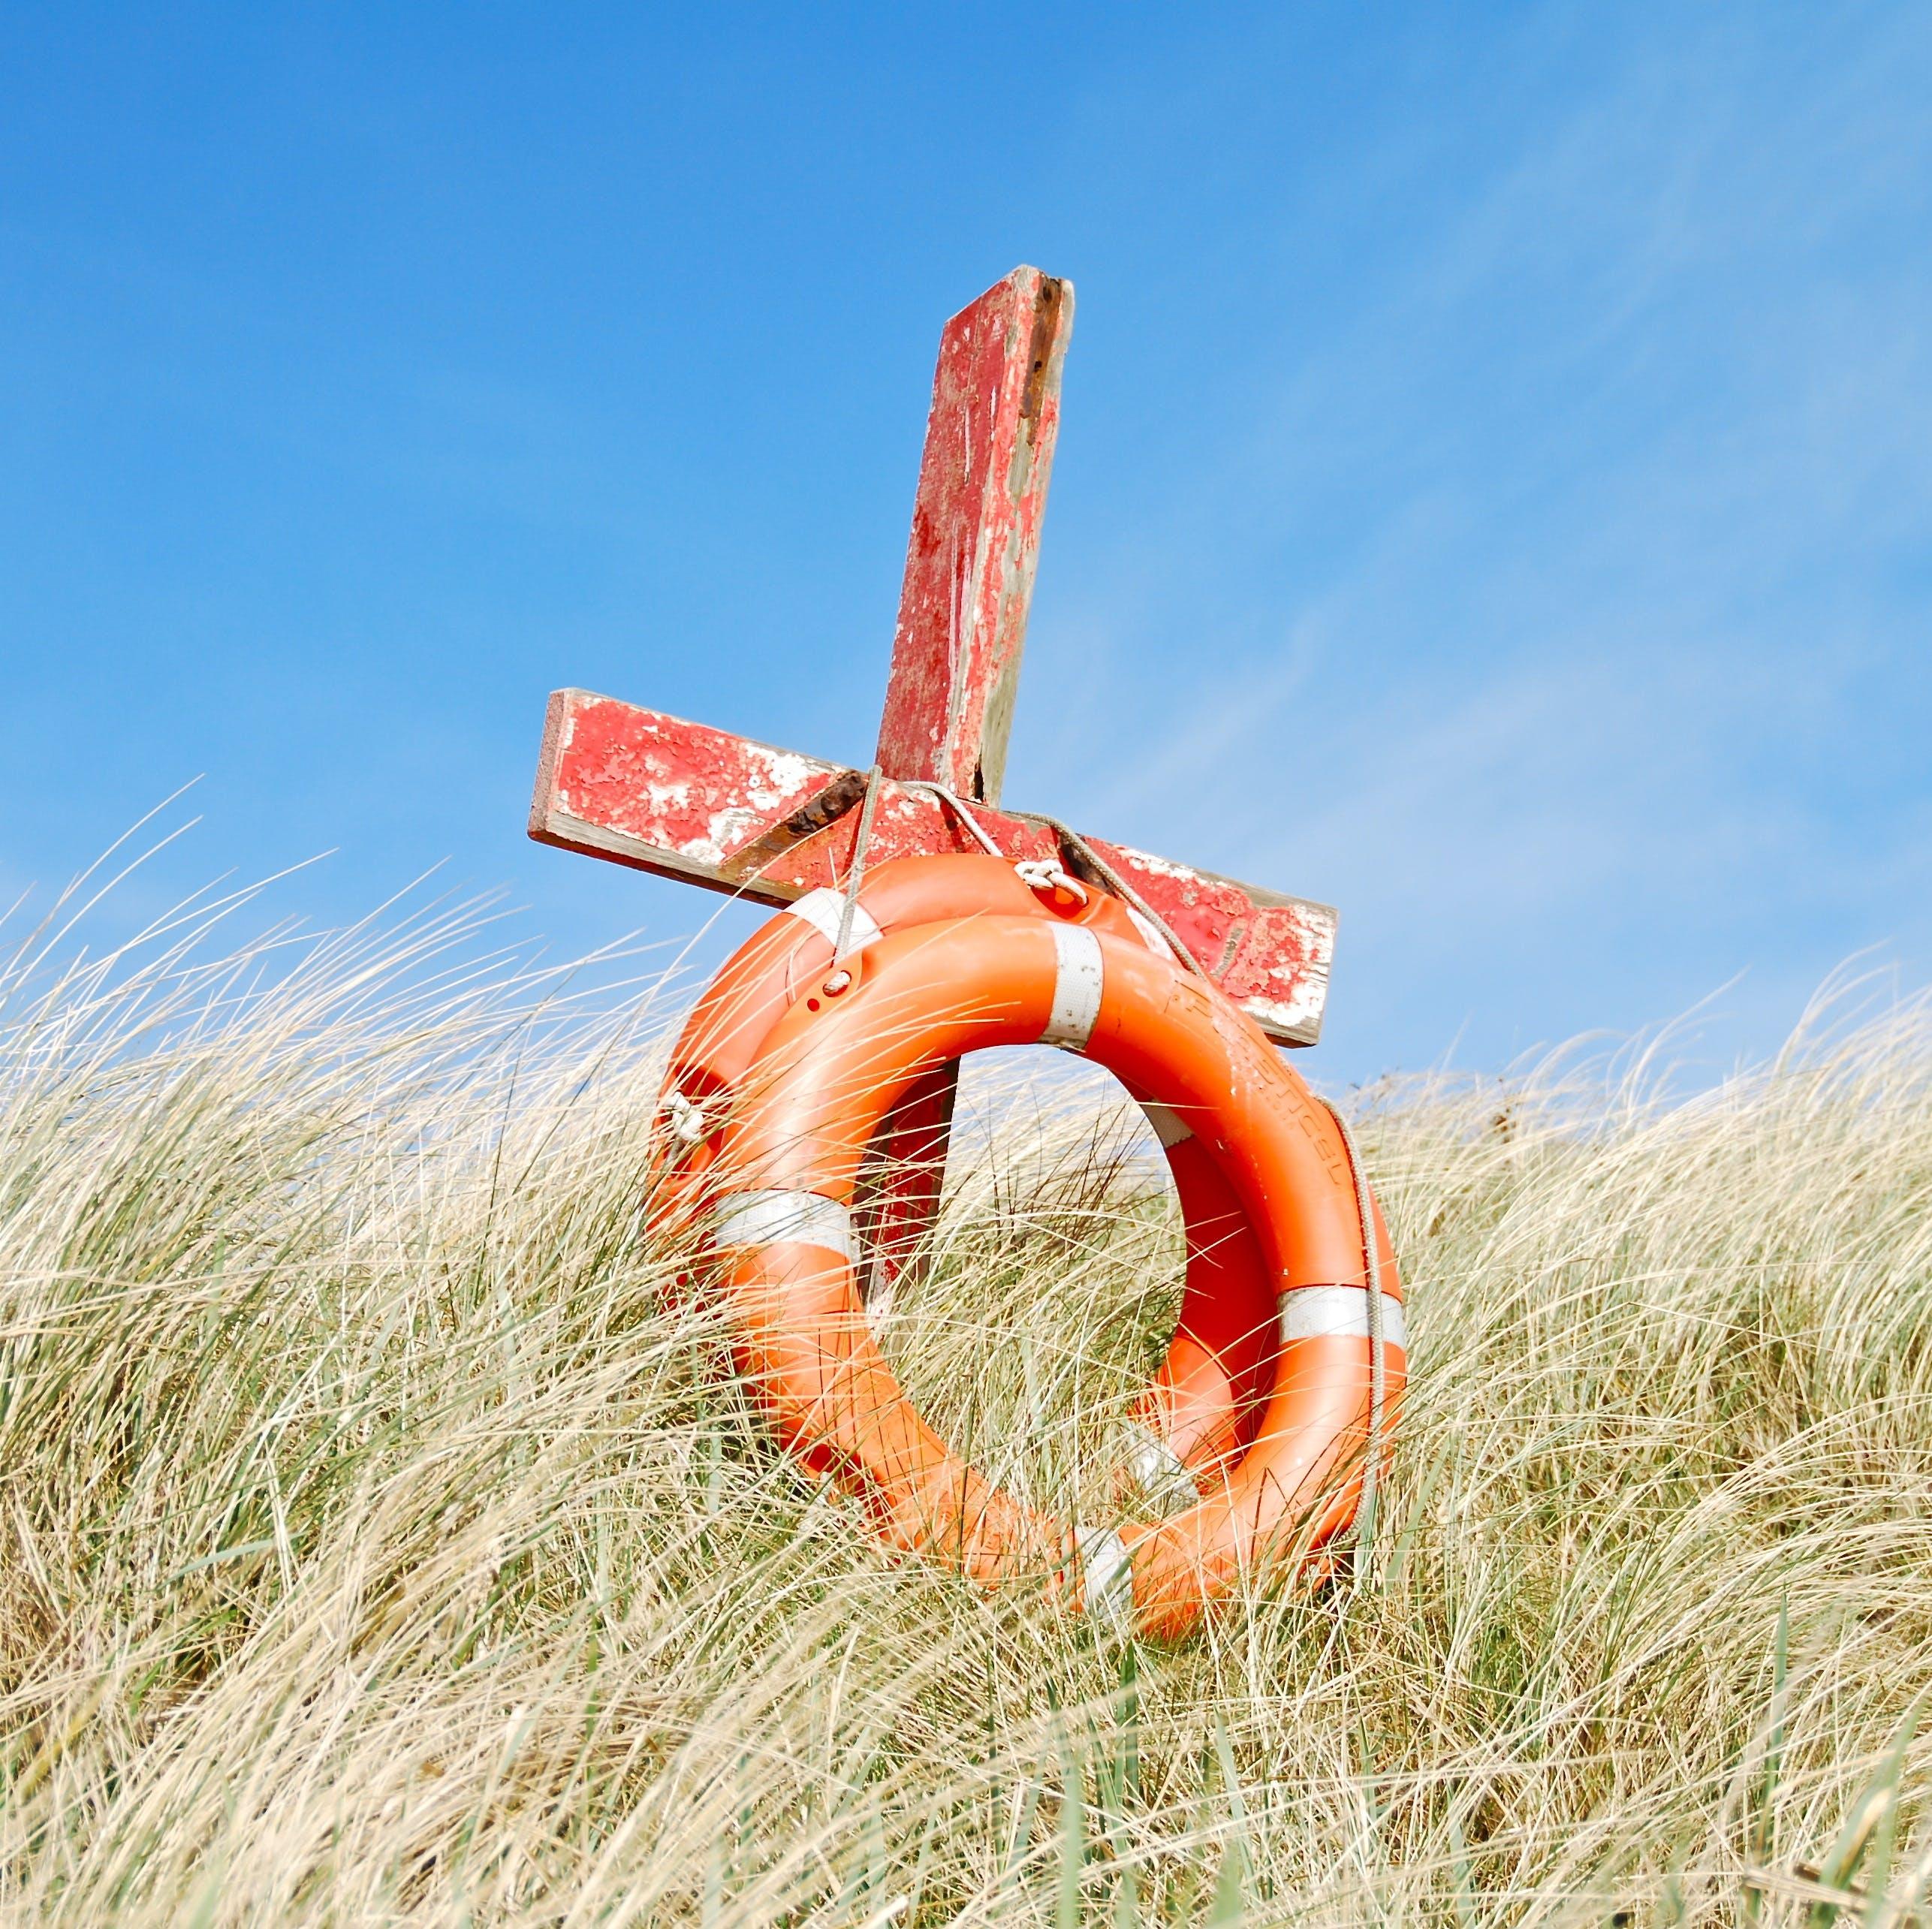 Gratis stockfoto met bewaker, blauwe lucht, cogon gras, gereedschap